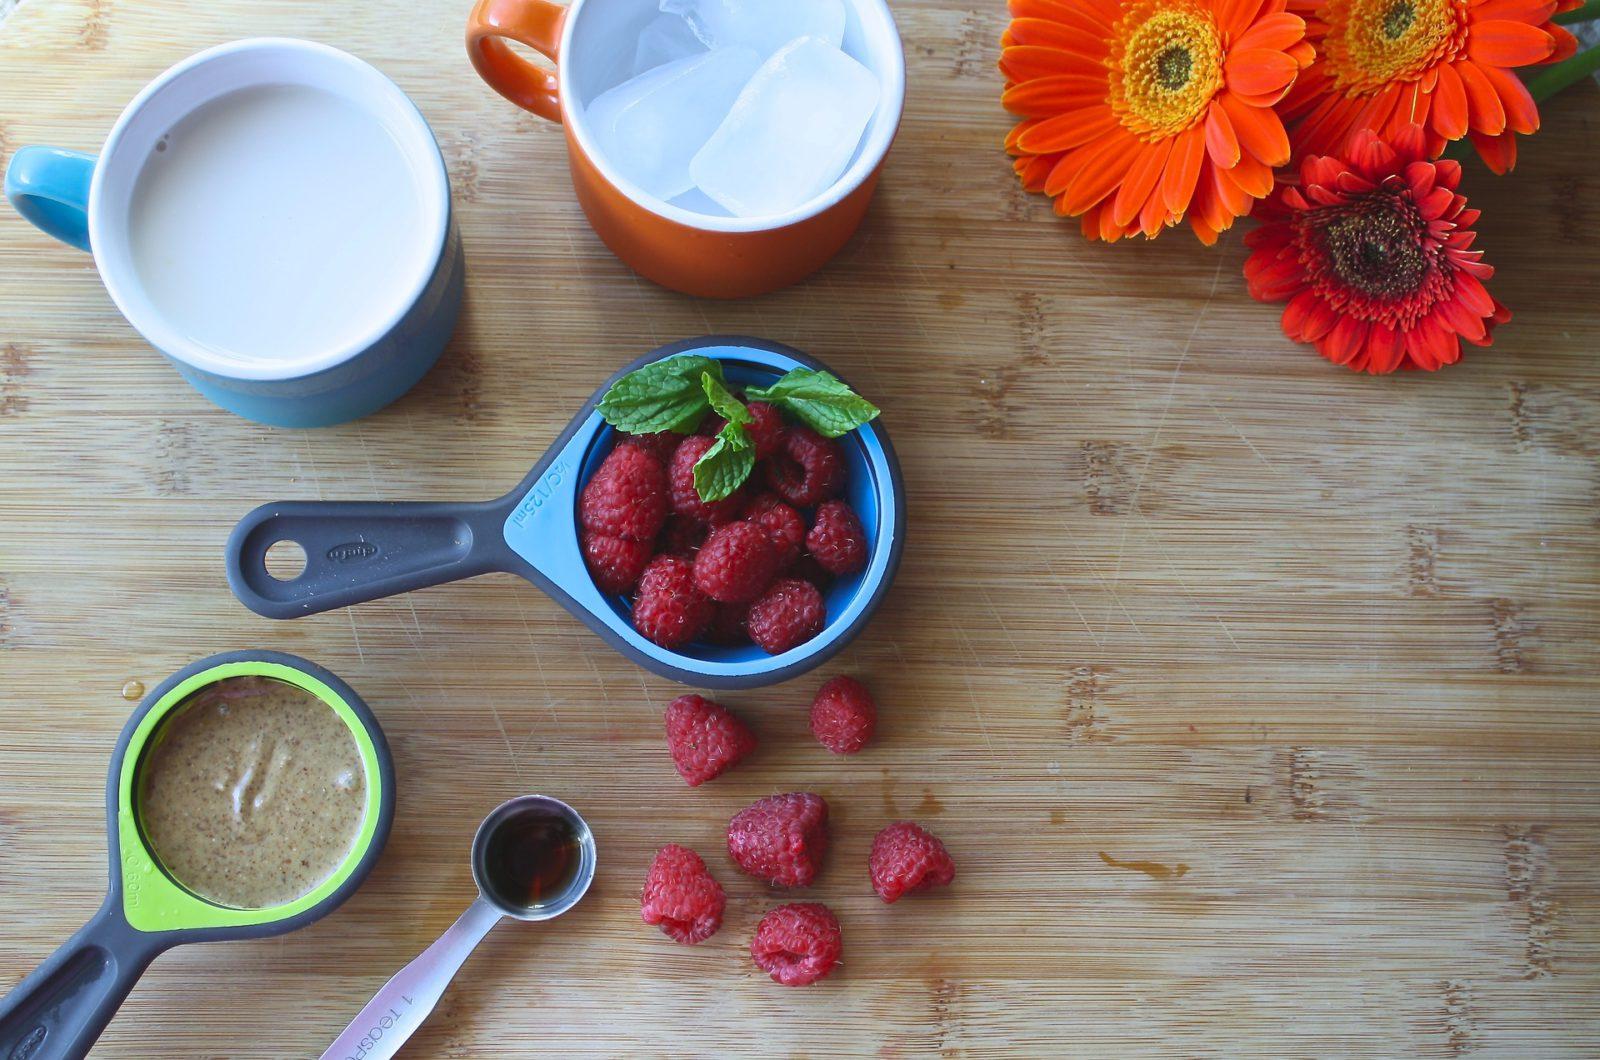 Superfoods, raspberries, tea